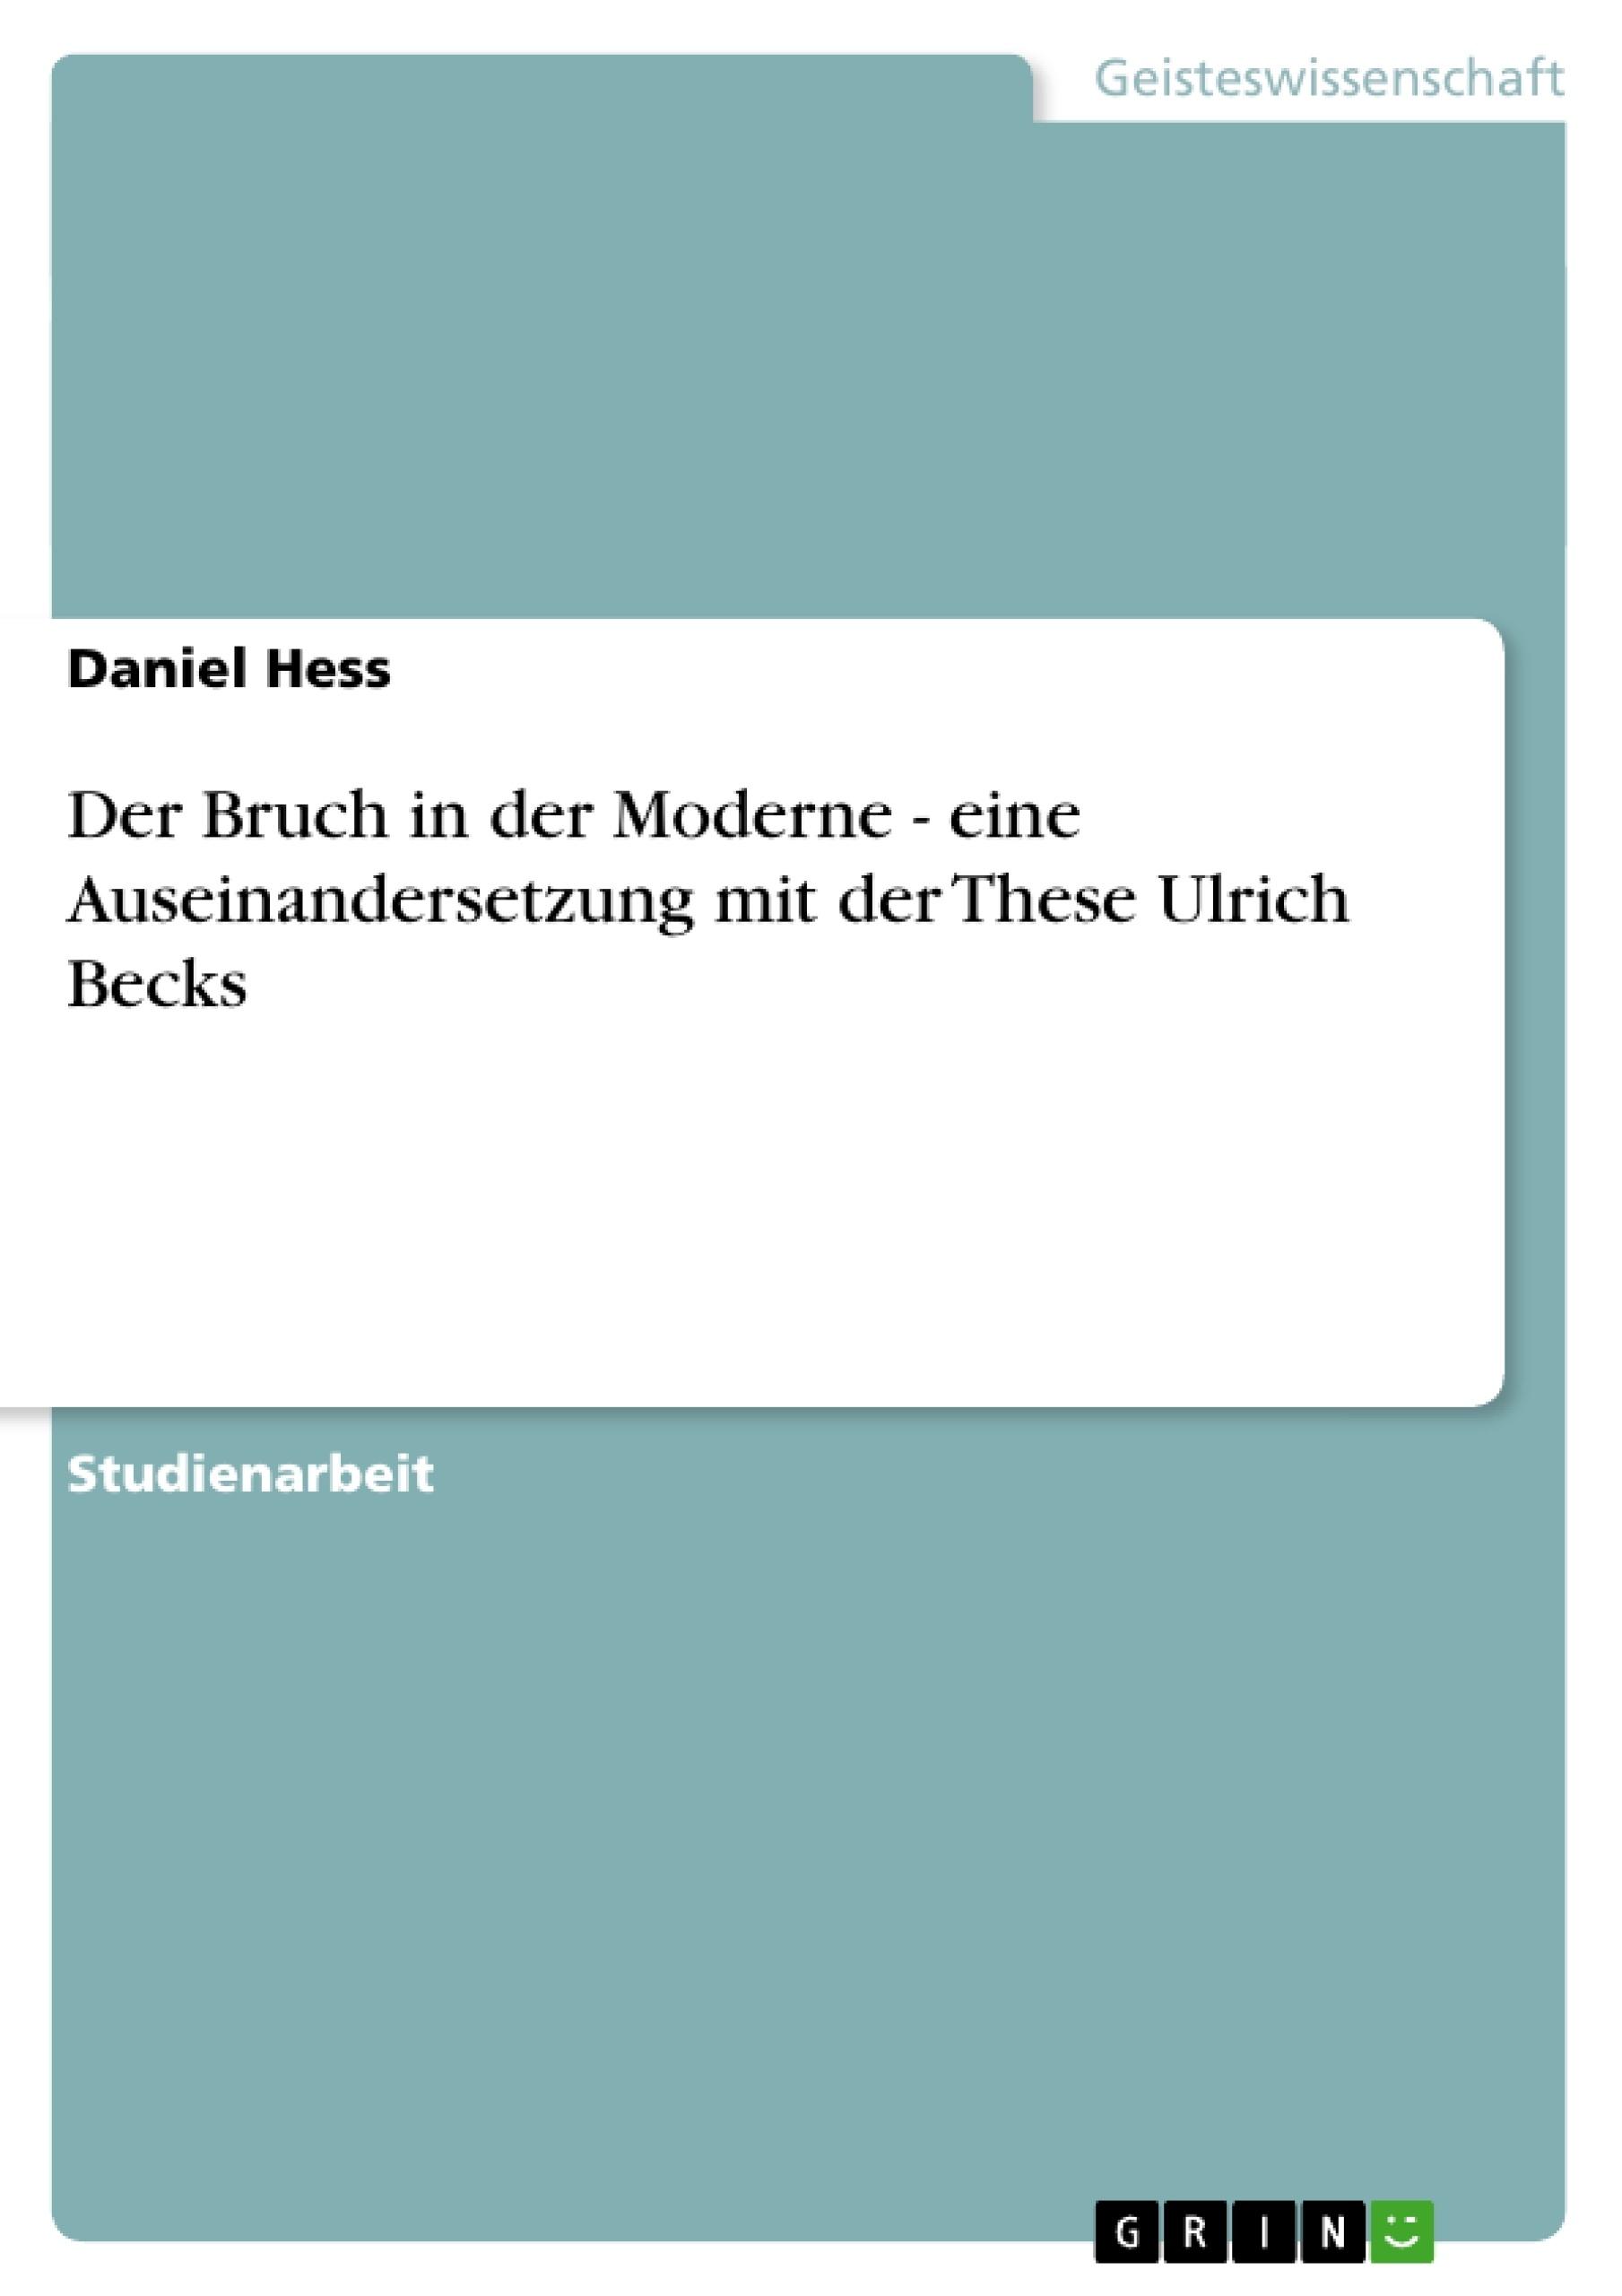 Titel: Der Bruch in der Moderne - eine Auseinandersetzung mit der These Ulrich Becks